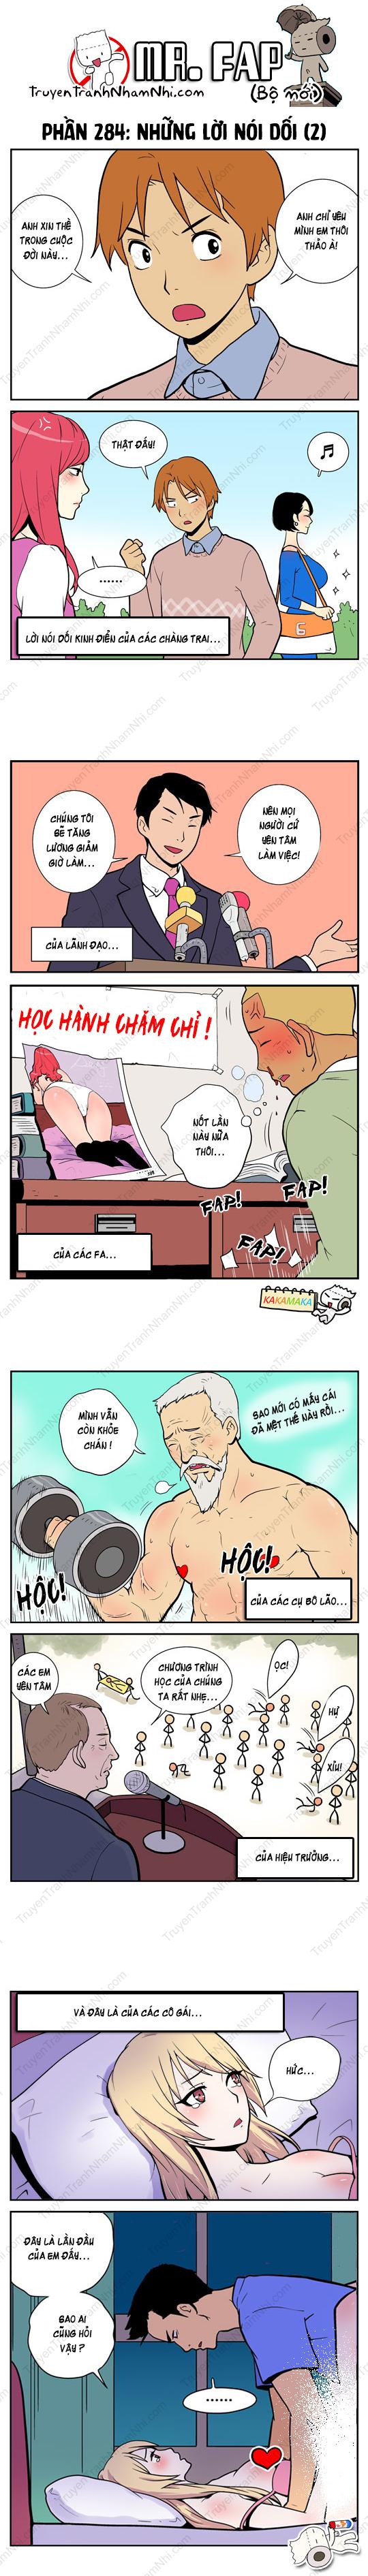 Mr. FAP (bộ mới) phần 284: Những lời nói dối (2)